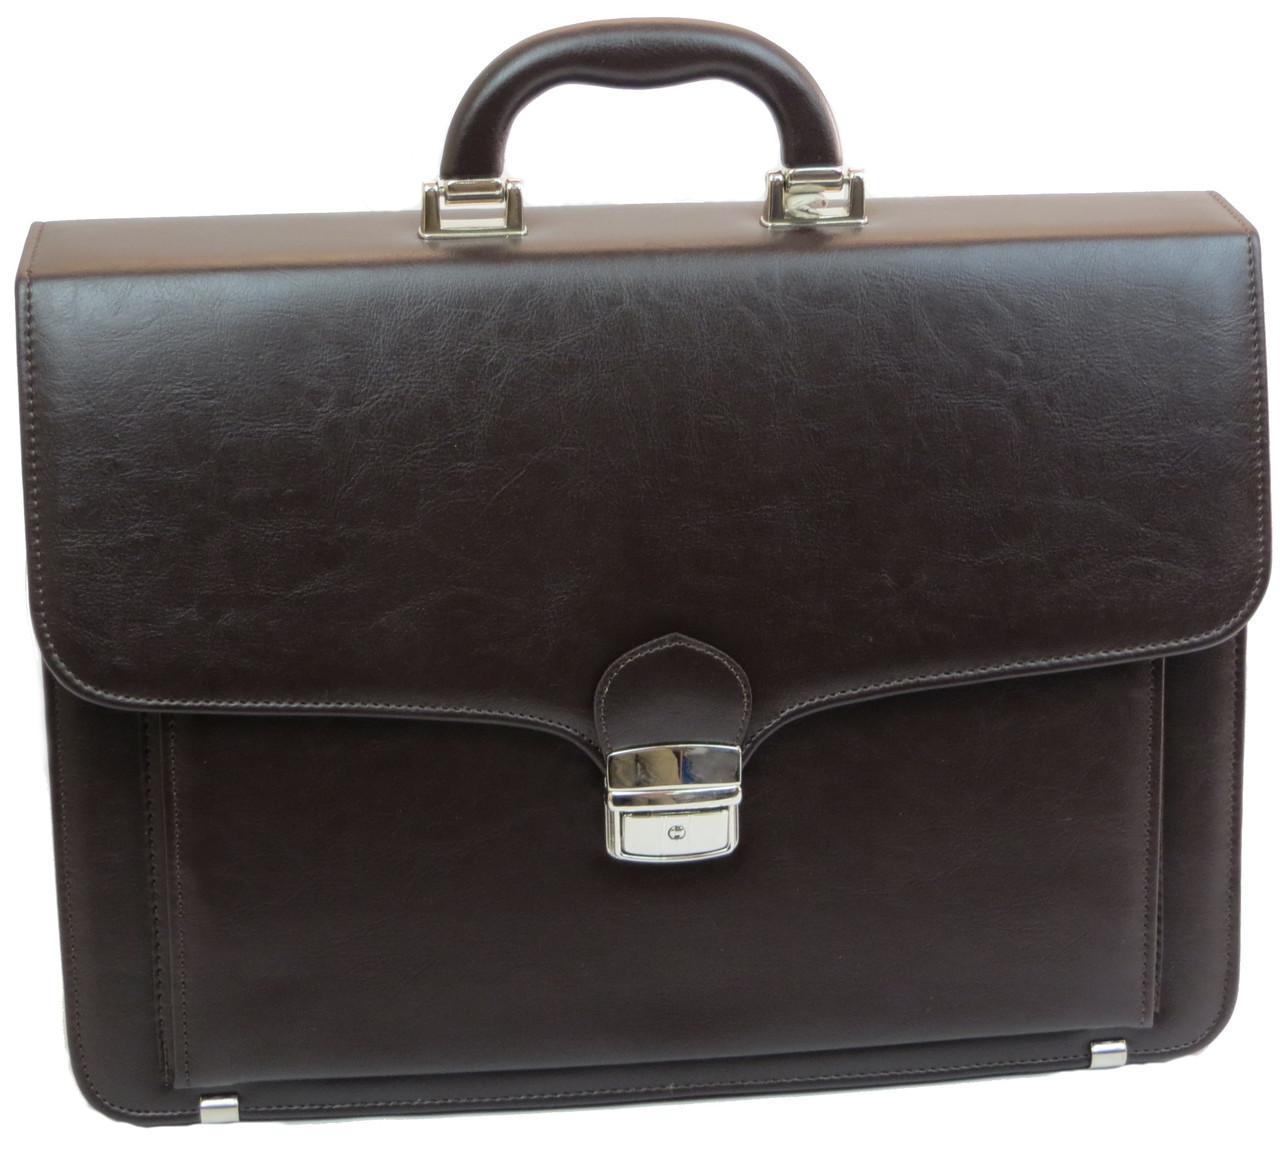 Портфель зі штучної шкіри AMO Польща SST07 коричневий